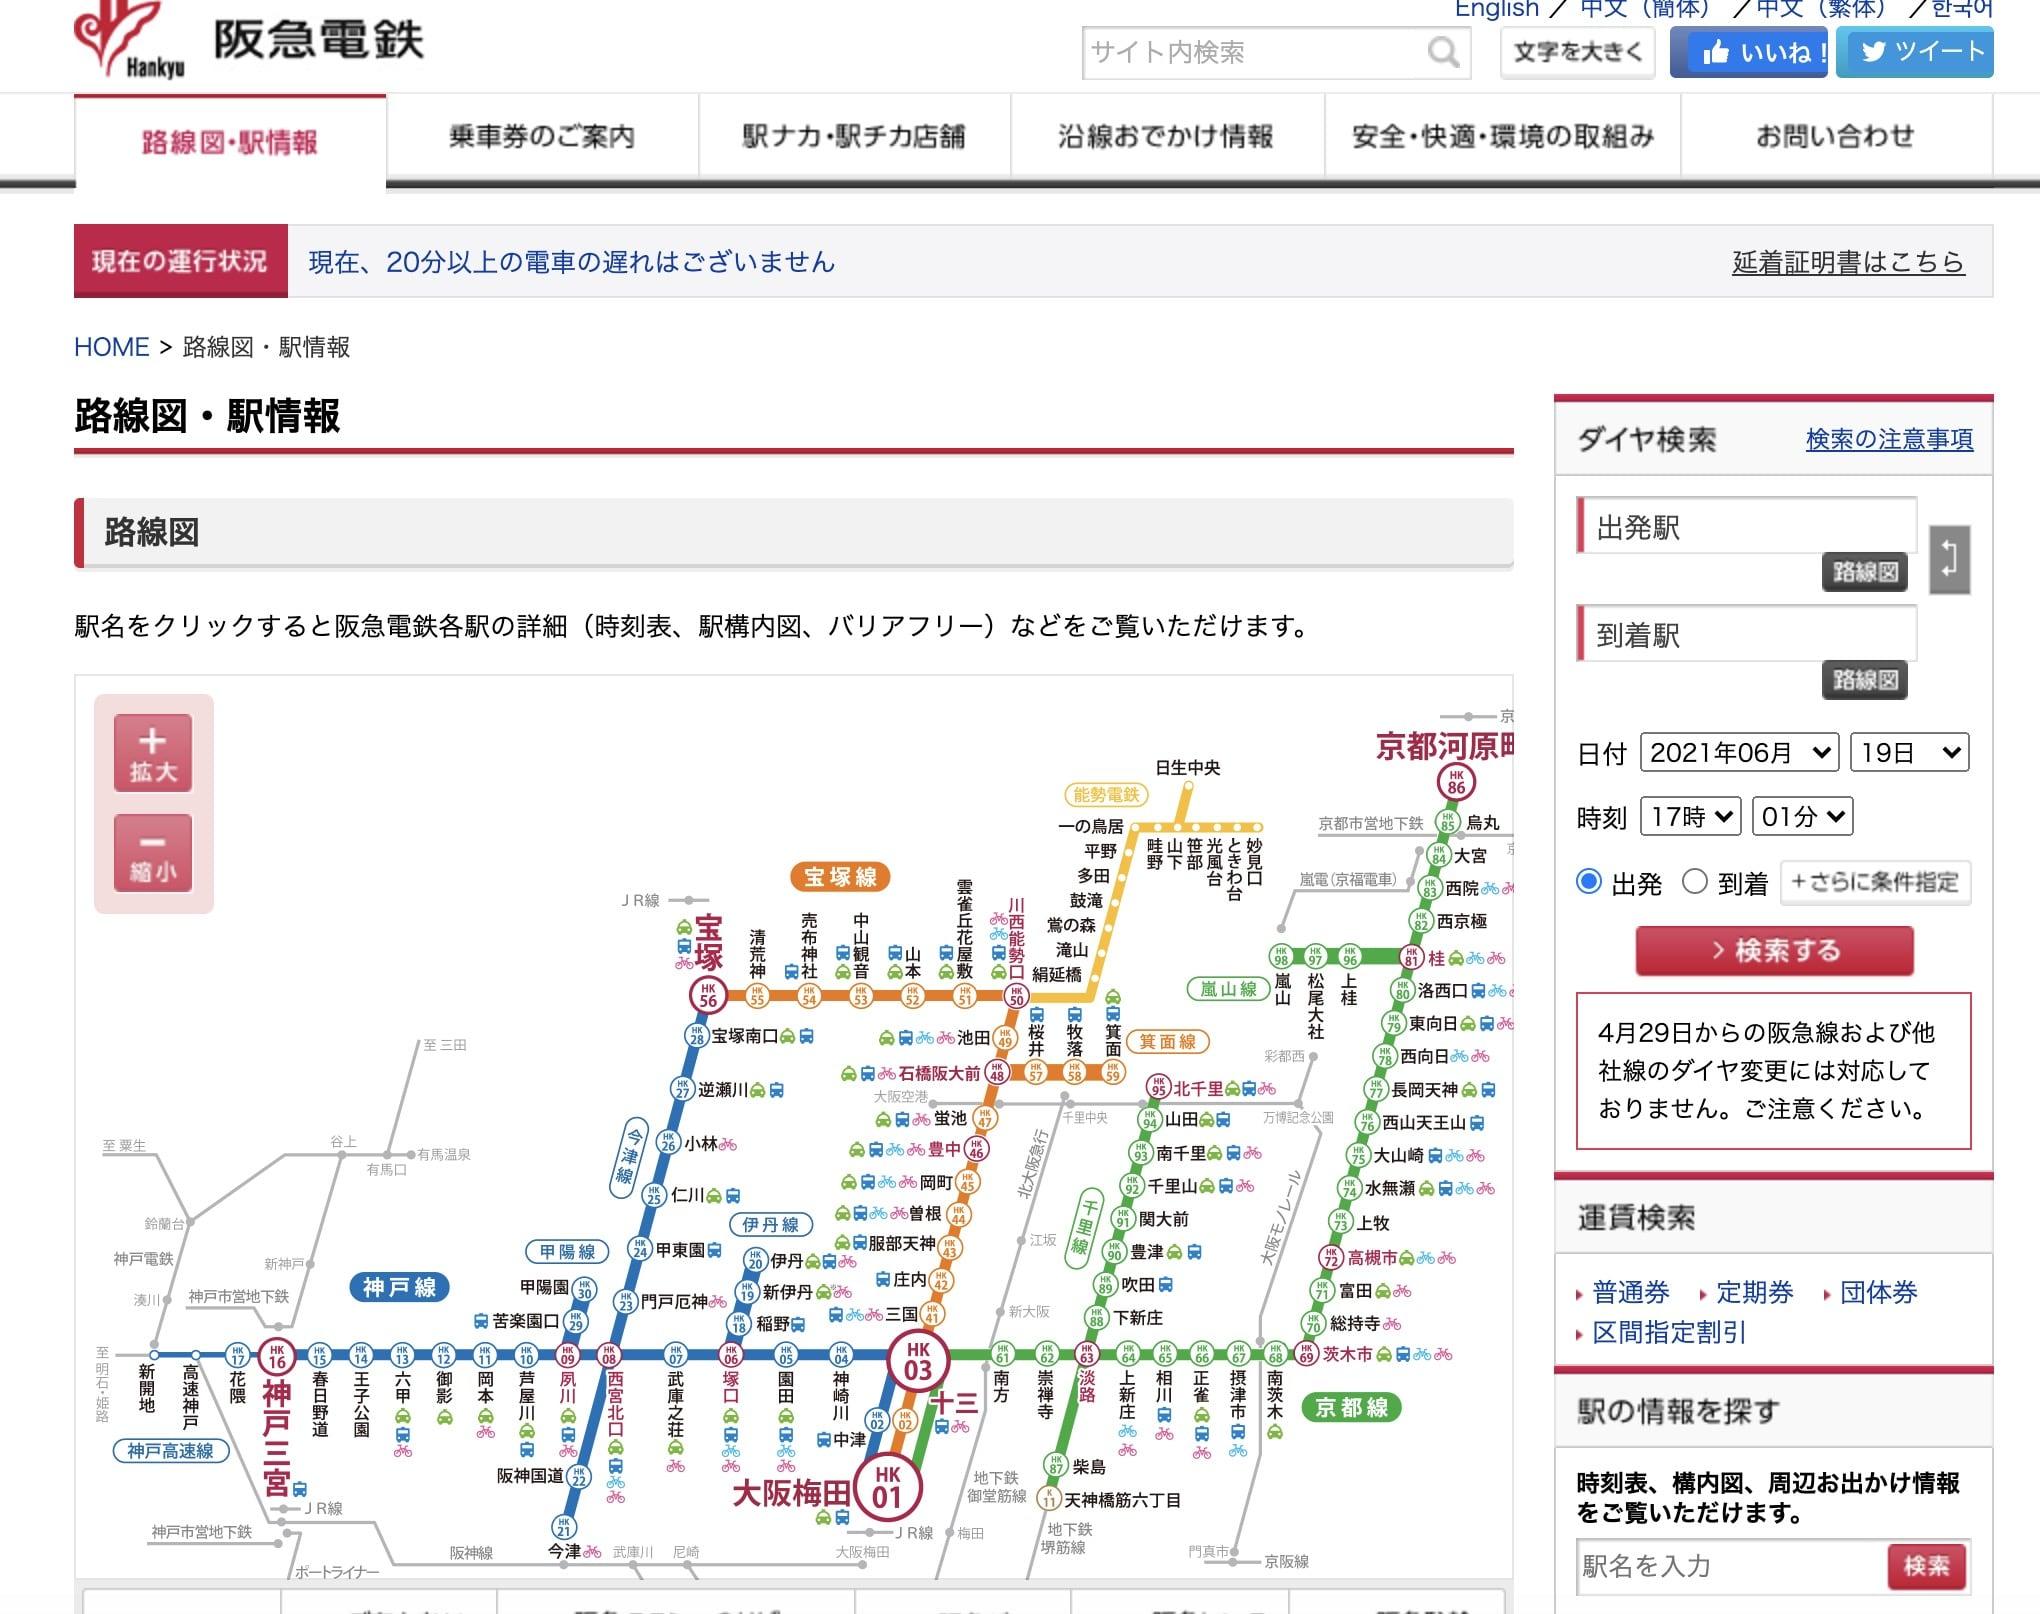 網站近期文章:阪急電車時刻表查詢教學